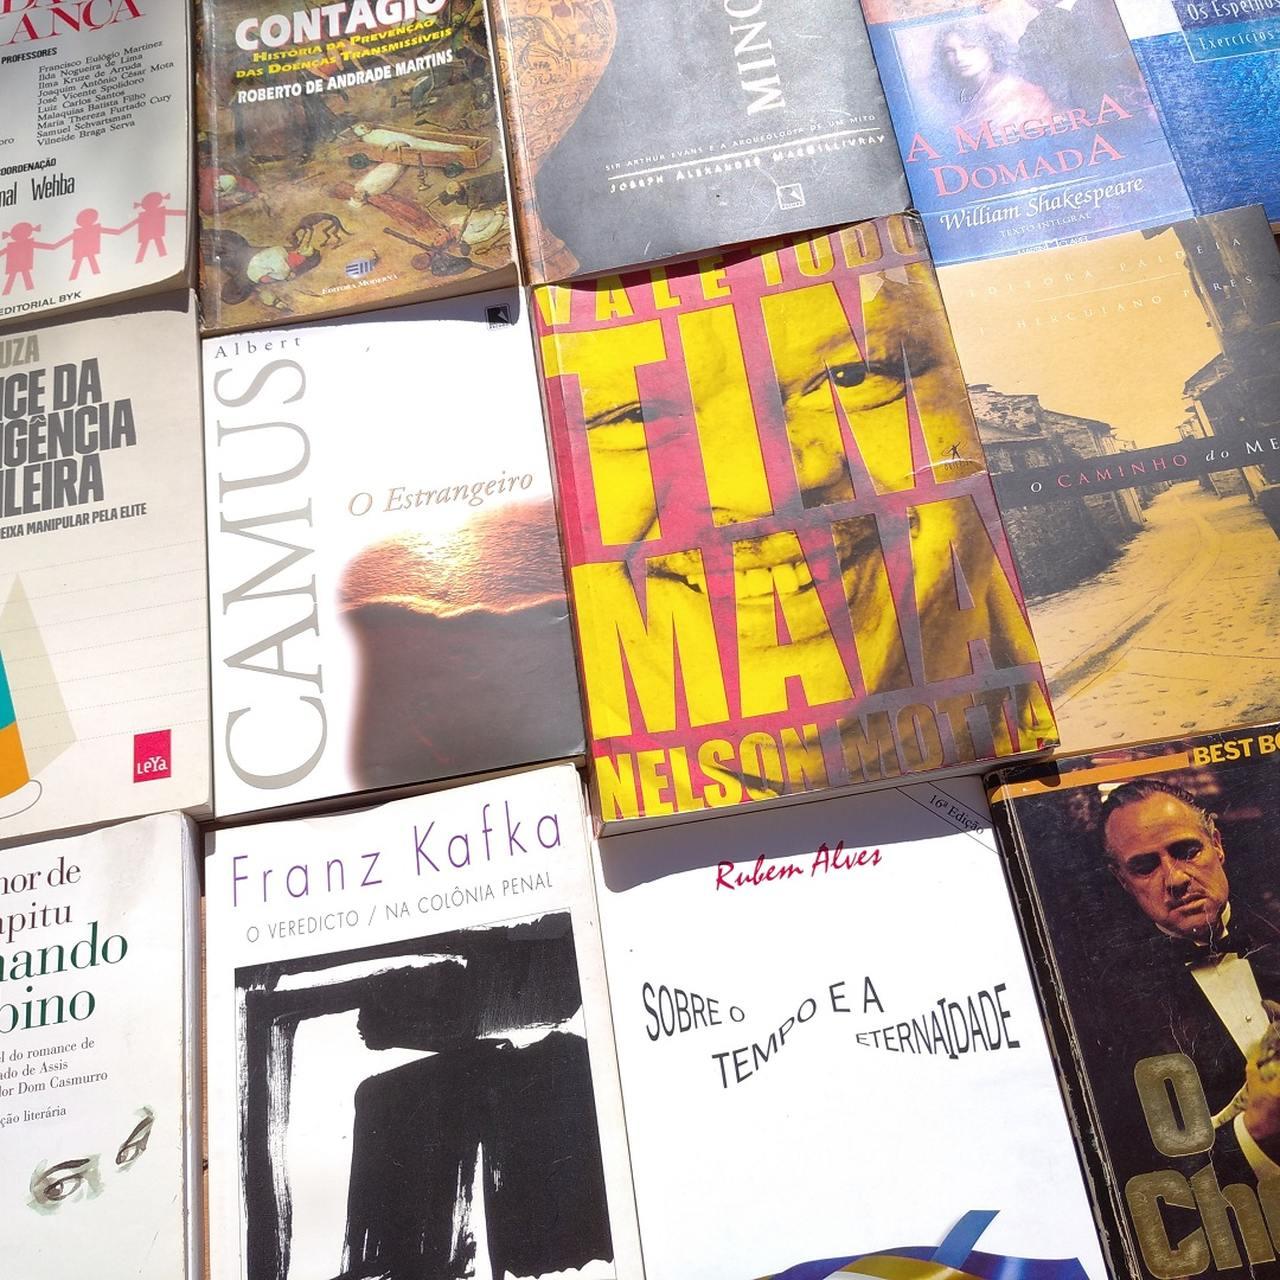 Acesse nossa loja virtual de livros e discos! Loja física: Rua Paula Gomes, 380, São Francisco, Curitiba - dentro da Doceria Erva Doce. Atendimento: sexta e sábado, das 19h à meia noite